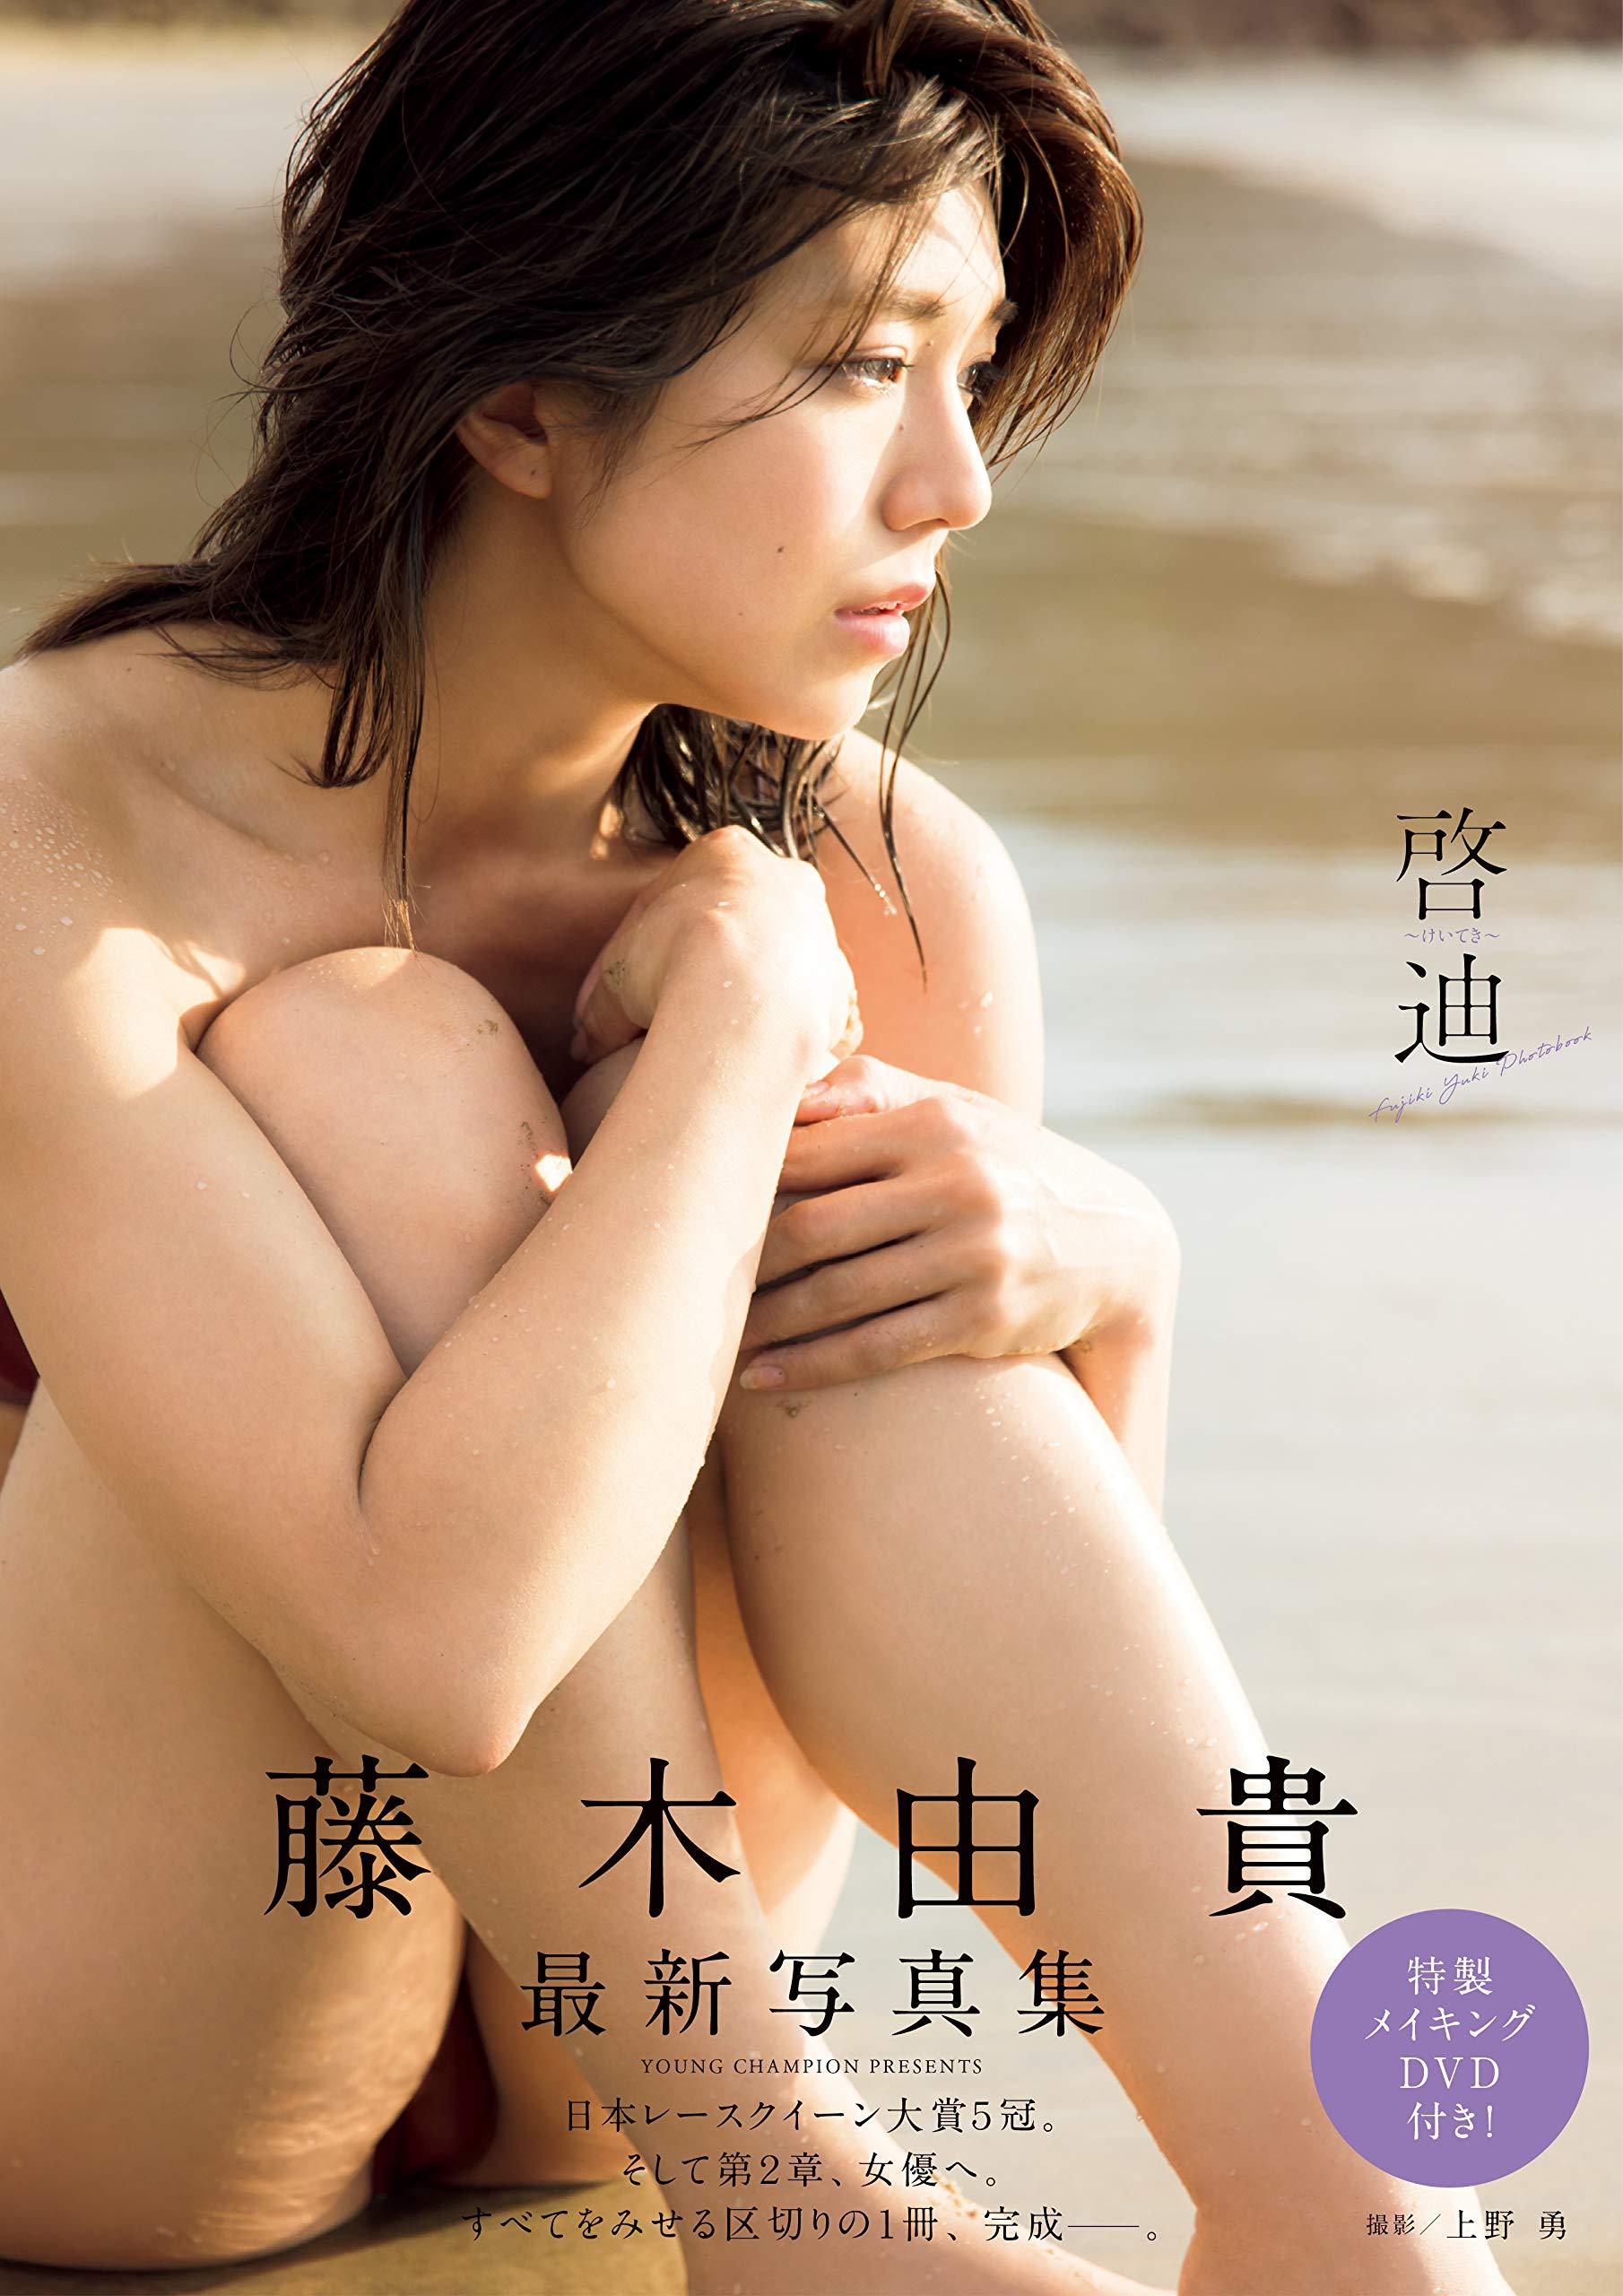 元レースクイーン 藤木由貴 Fujiki Yuki さん グラビア作品リスト